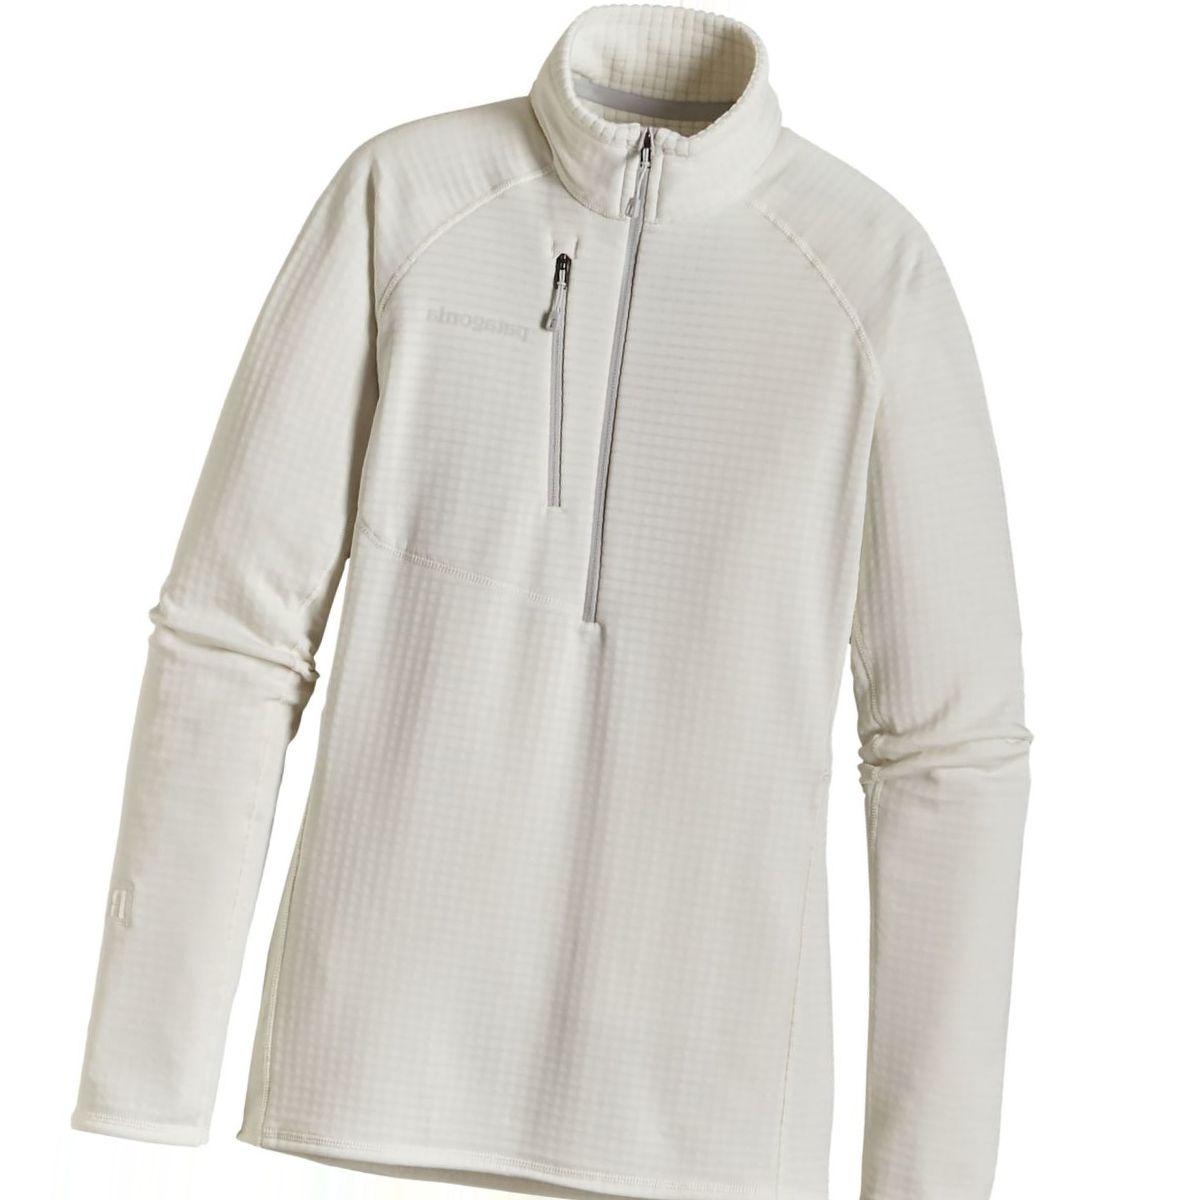 Patagonia R1 1/2-Zip Fleece Pullover - Women's